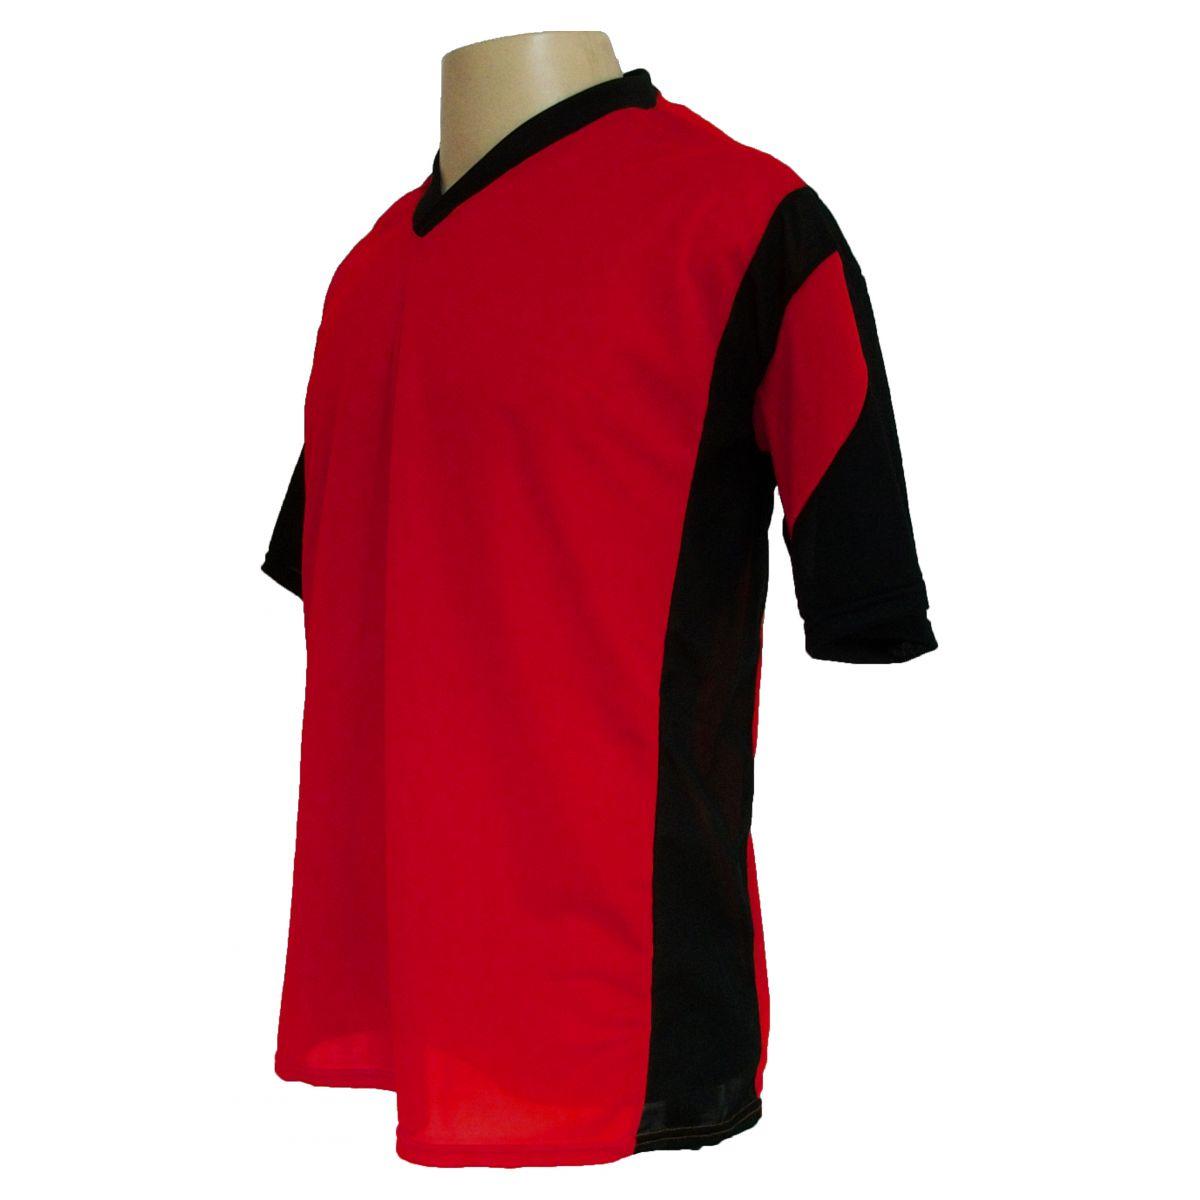 Jogo de Camisa Promocional com 18 Peças Numeradas Modelo Attack Vermelho/Preto